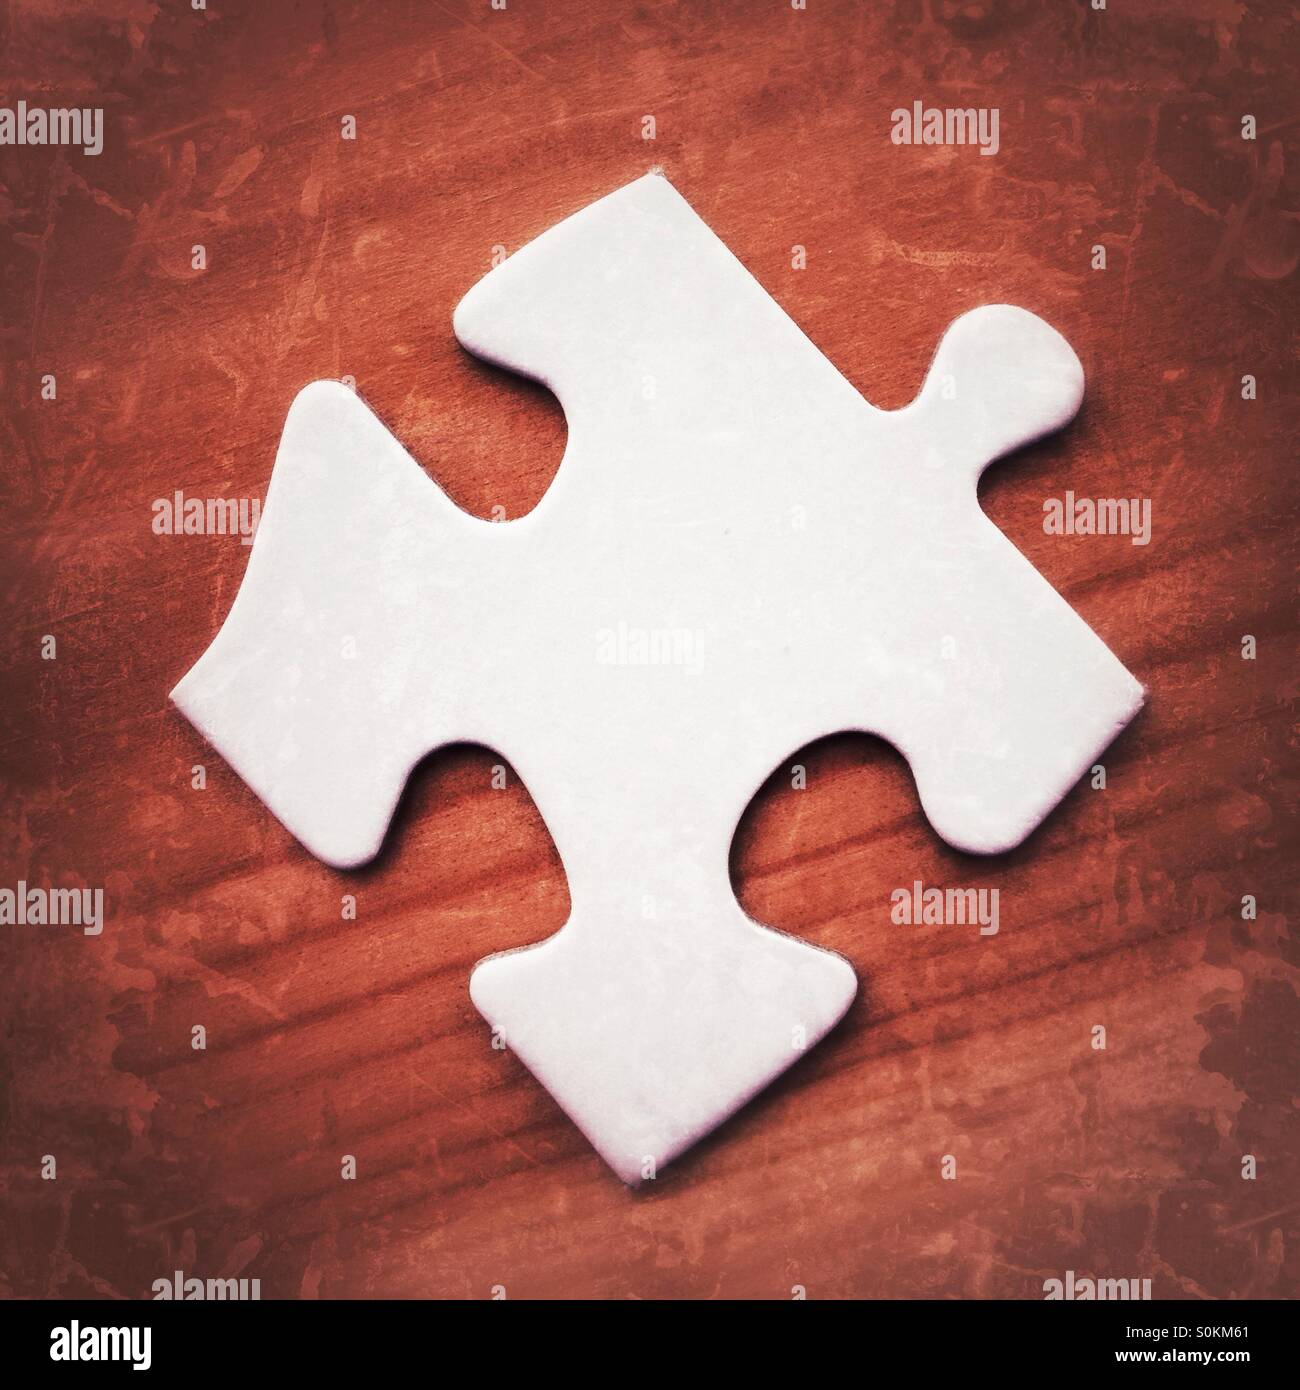 Schermata bianca vuota puzzle pezzo su una superficie in legno con grunge effetti di filtro Immagini Stock